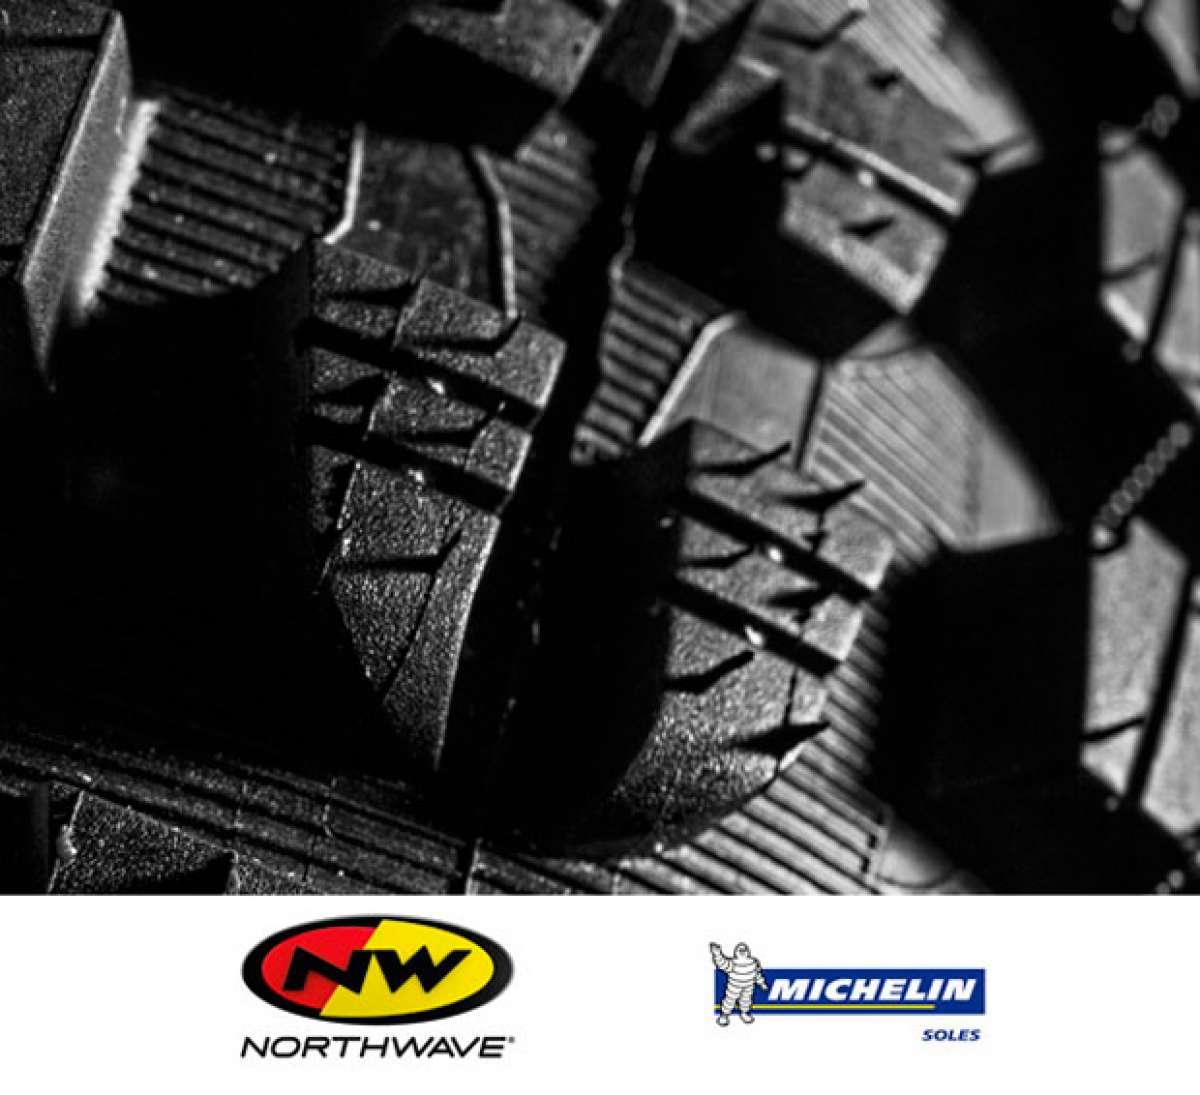 """Northwave y Michelin anuncian un proyecto de colaboración. ¿Unas zapatillas con suela Wild Rock""""R en camino?"""